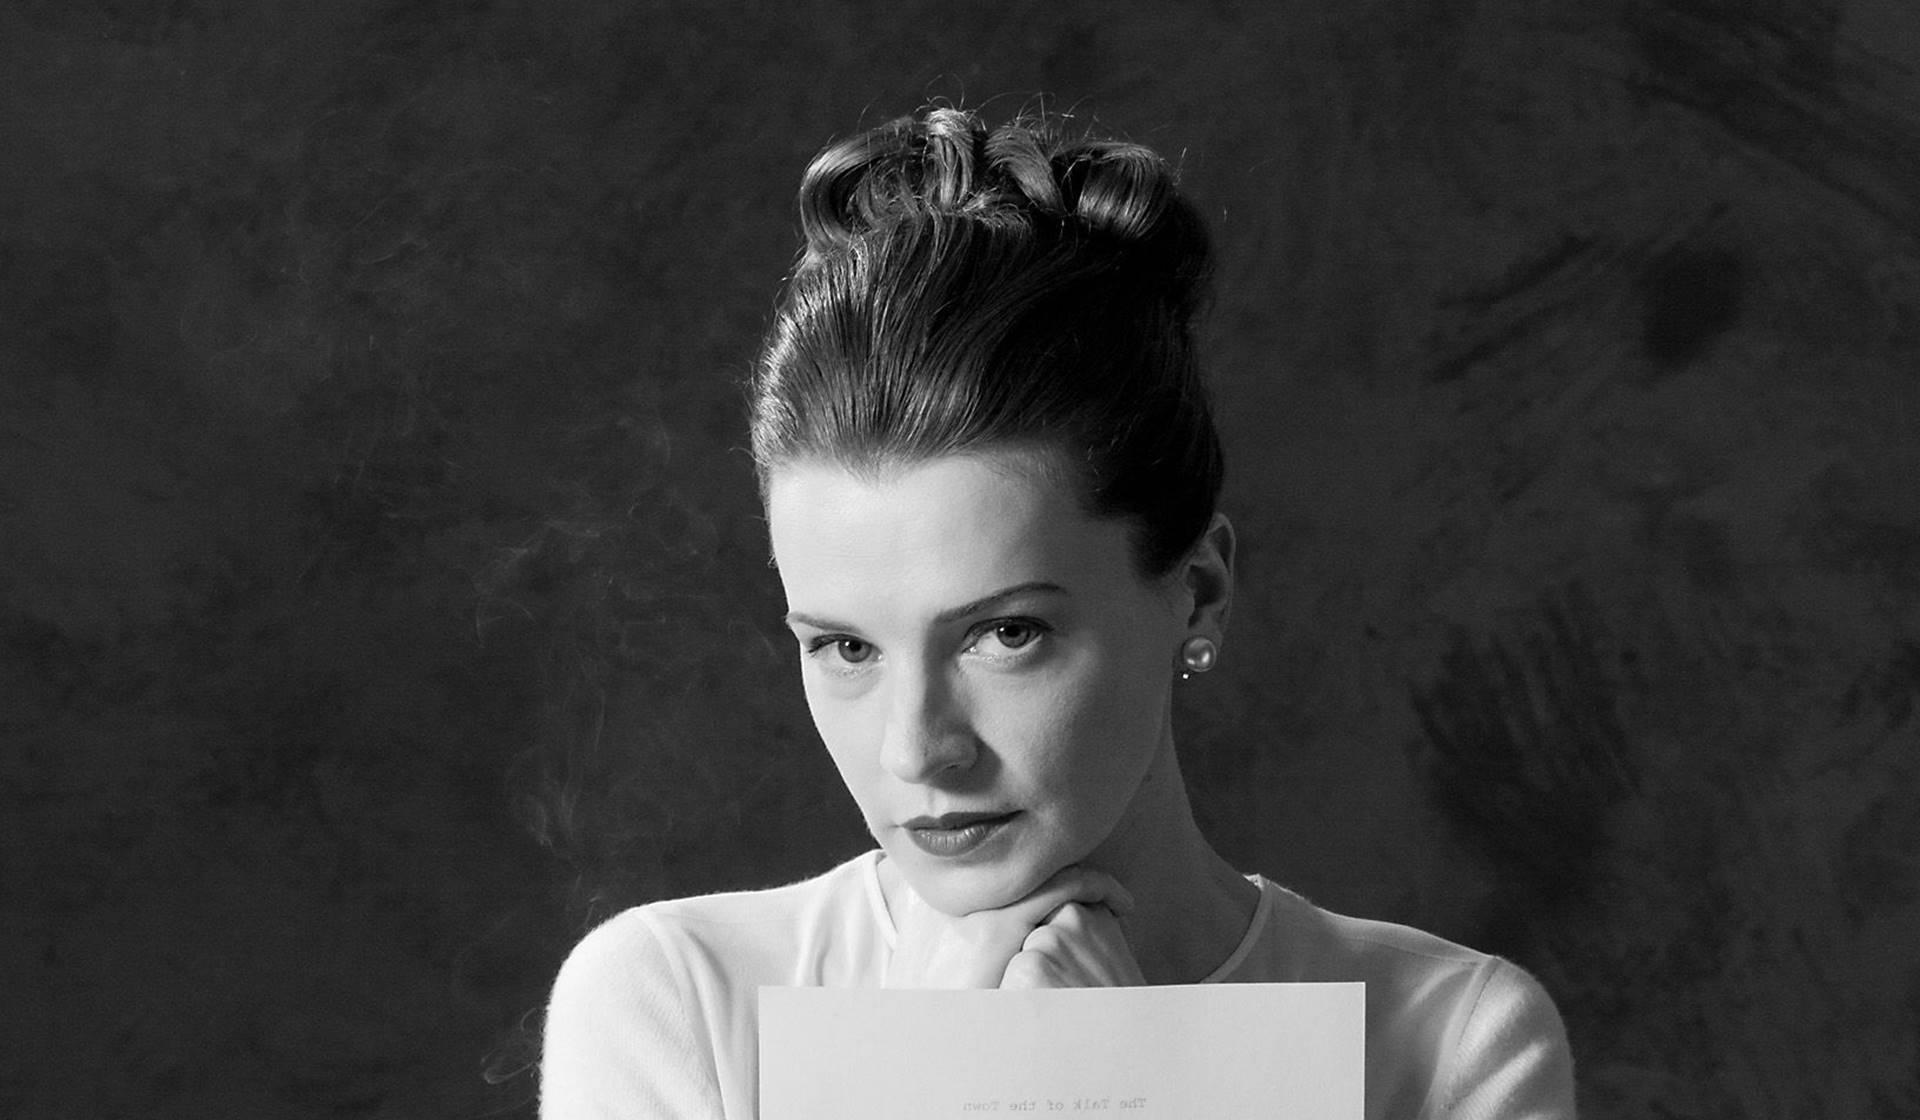 La escritora Maeve Brennan